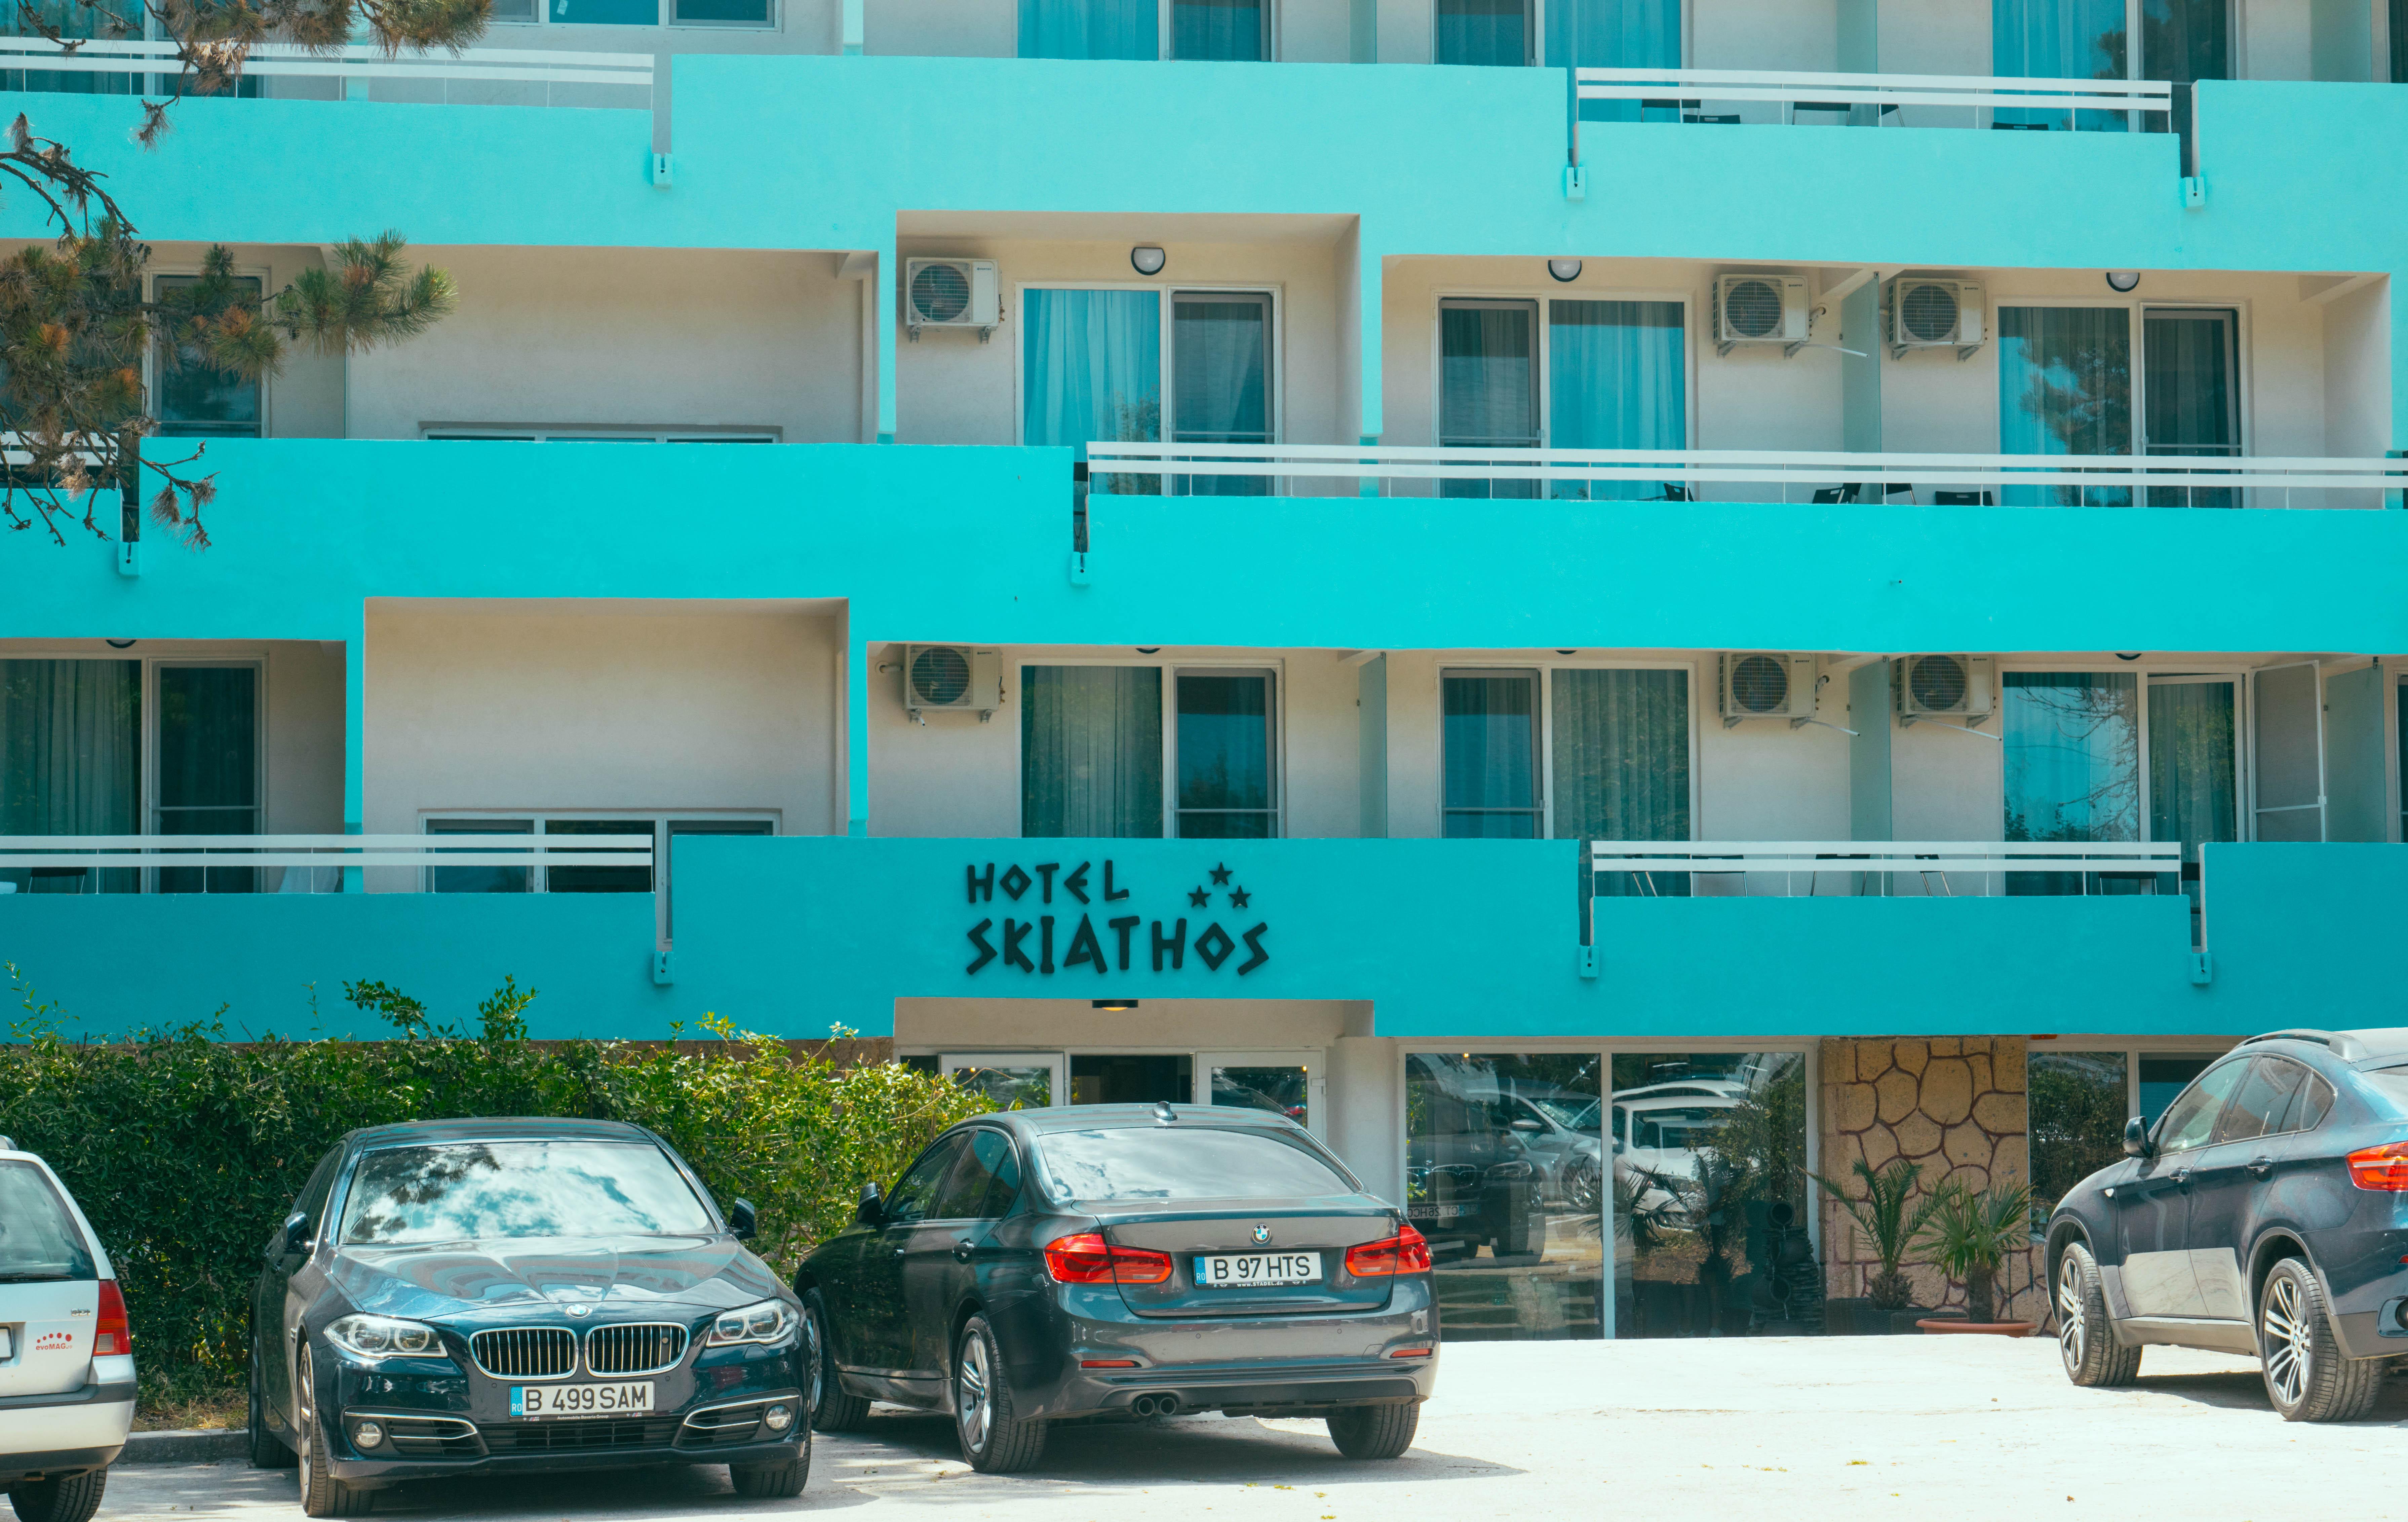 Hotel Skiathos, Mangalia